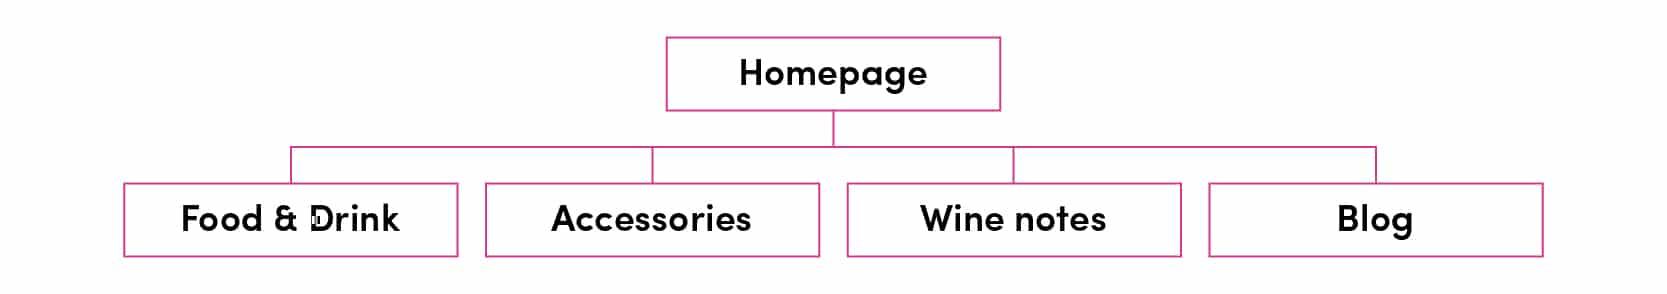 Homepage menu layout